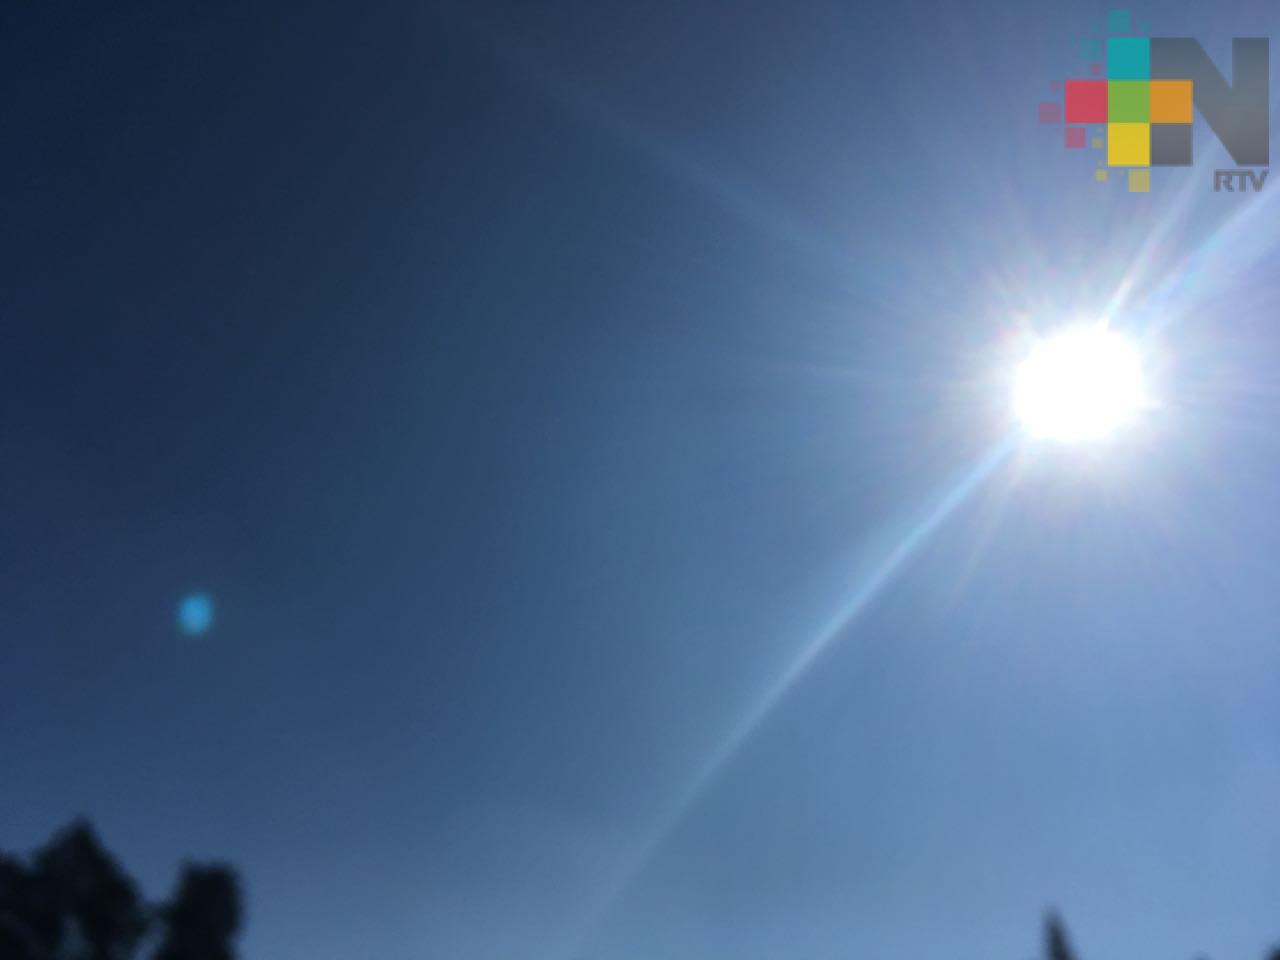 Cielo despejado a medio nublado con altas temperaturas especialmente en regiones de llanura y costa